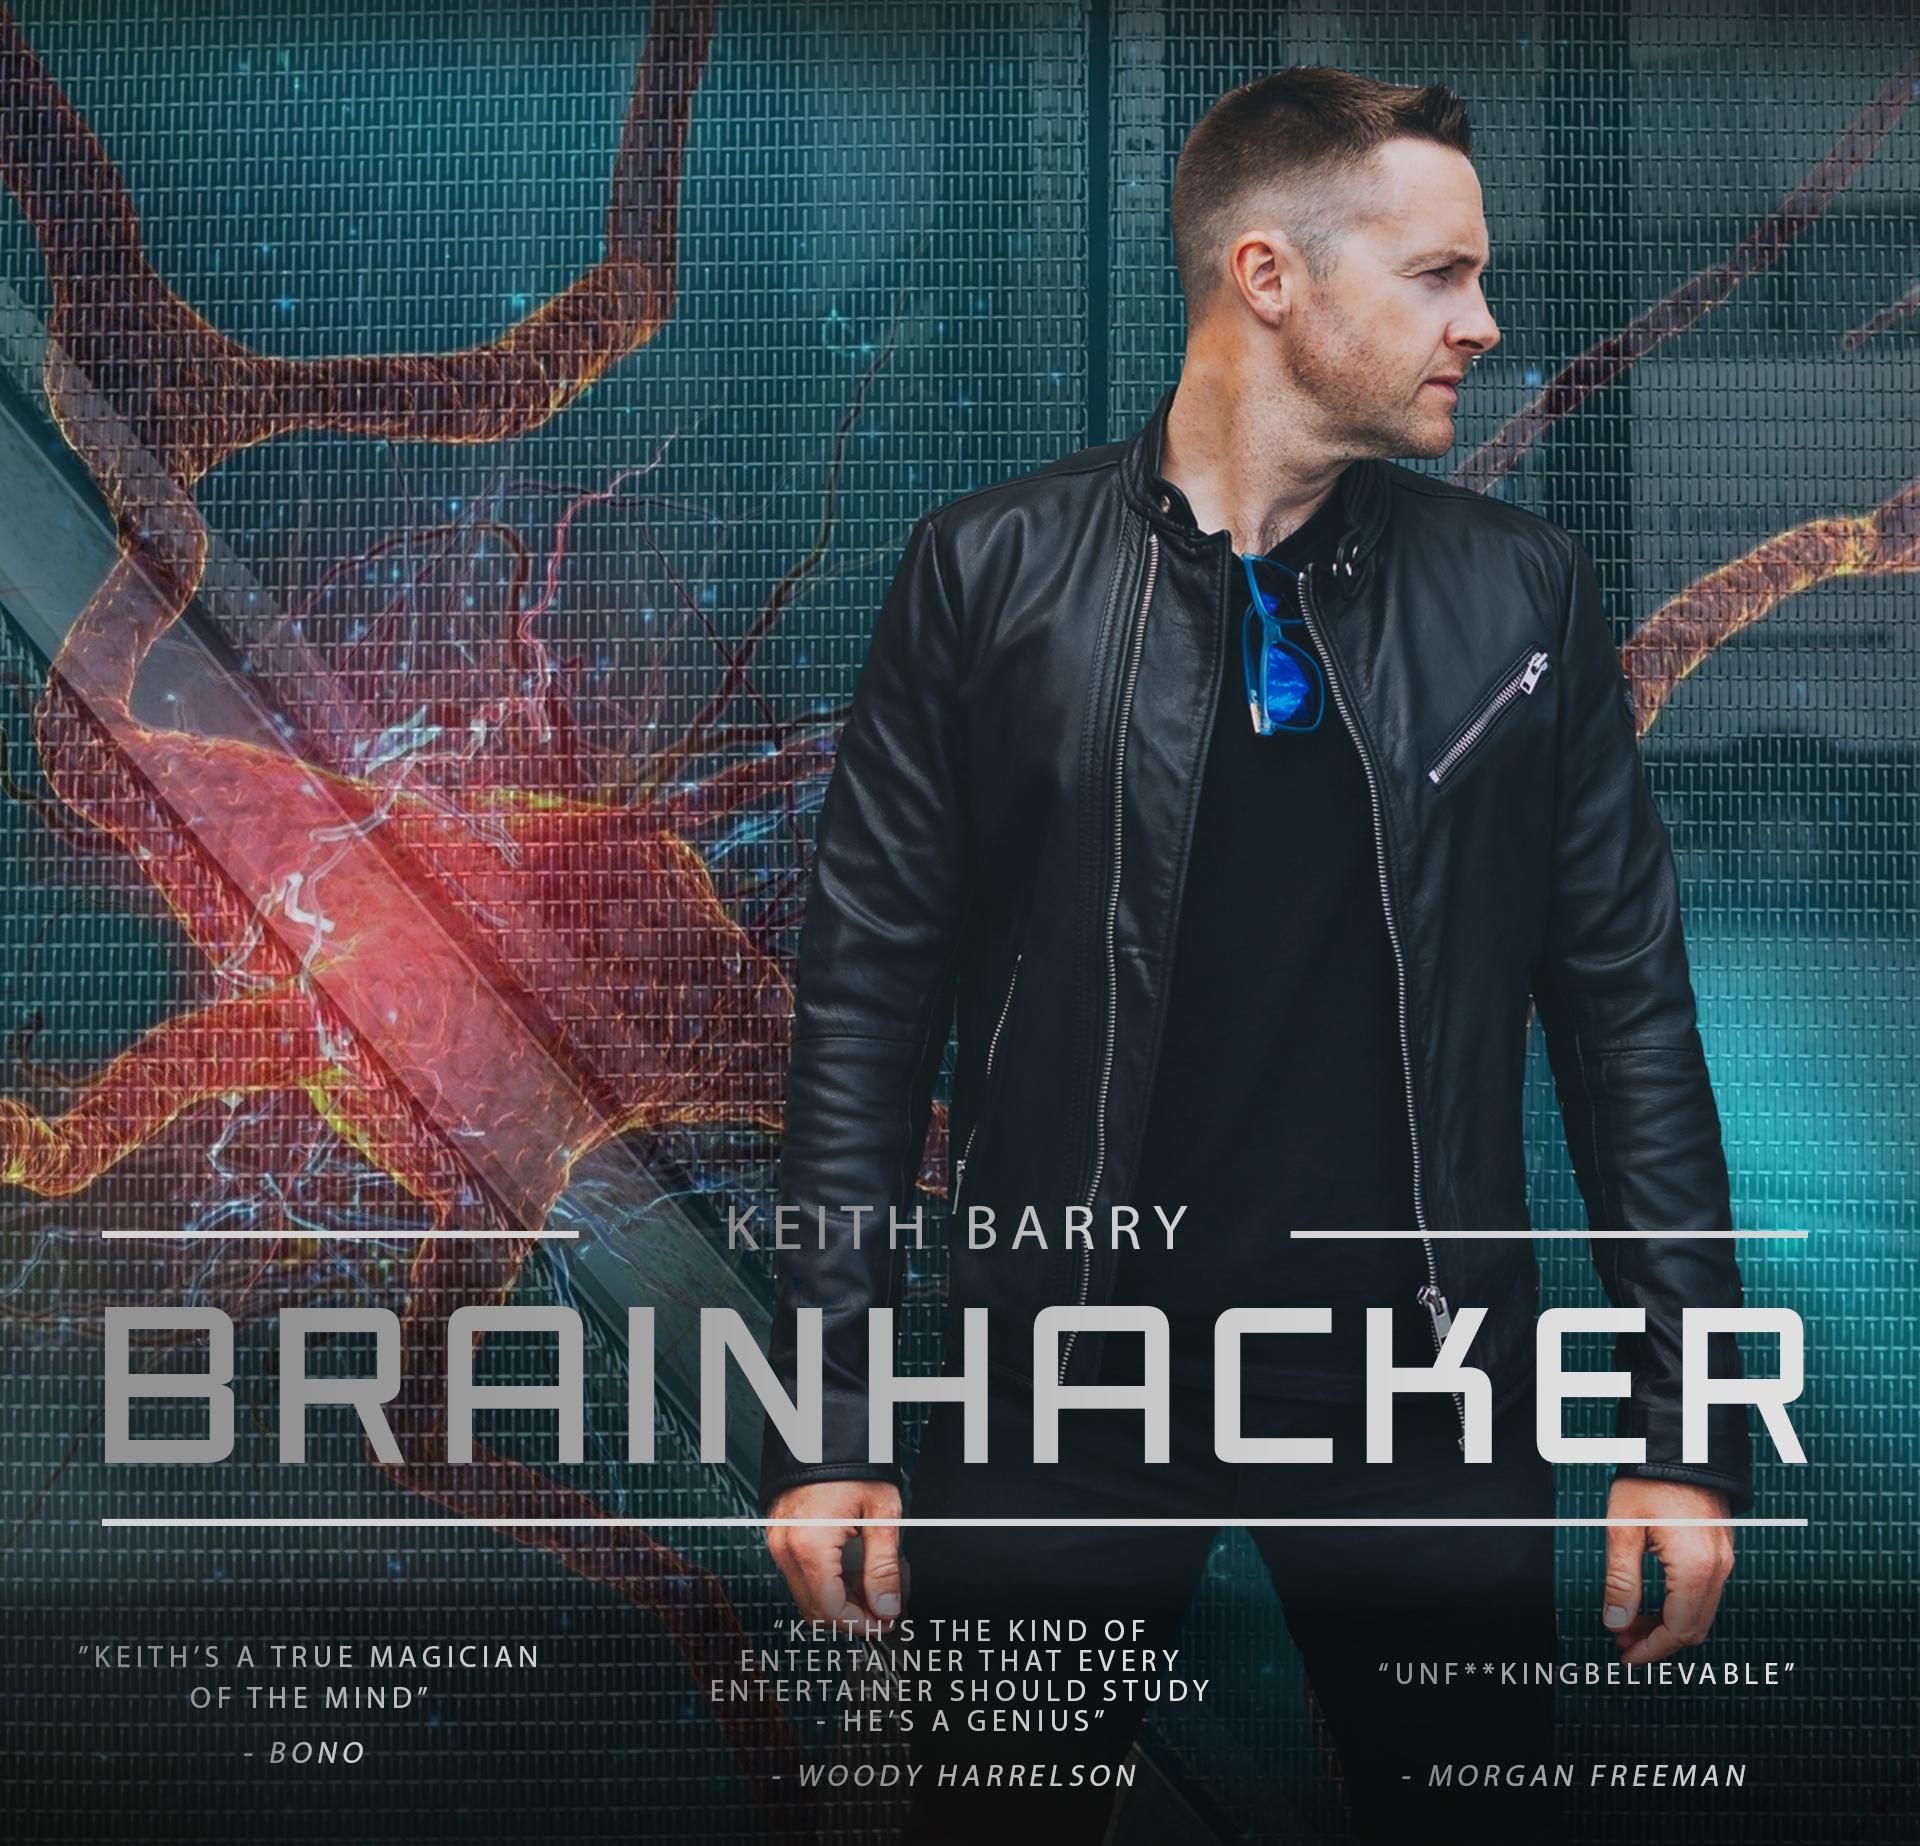 Brain hacker Top.jpg